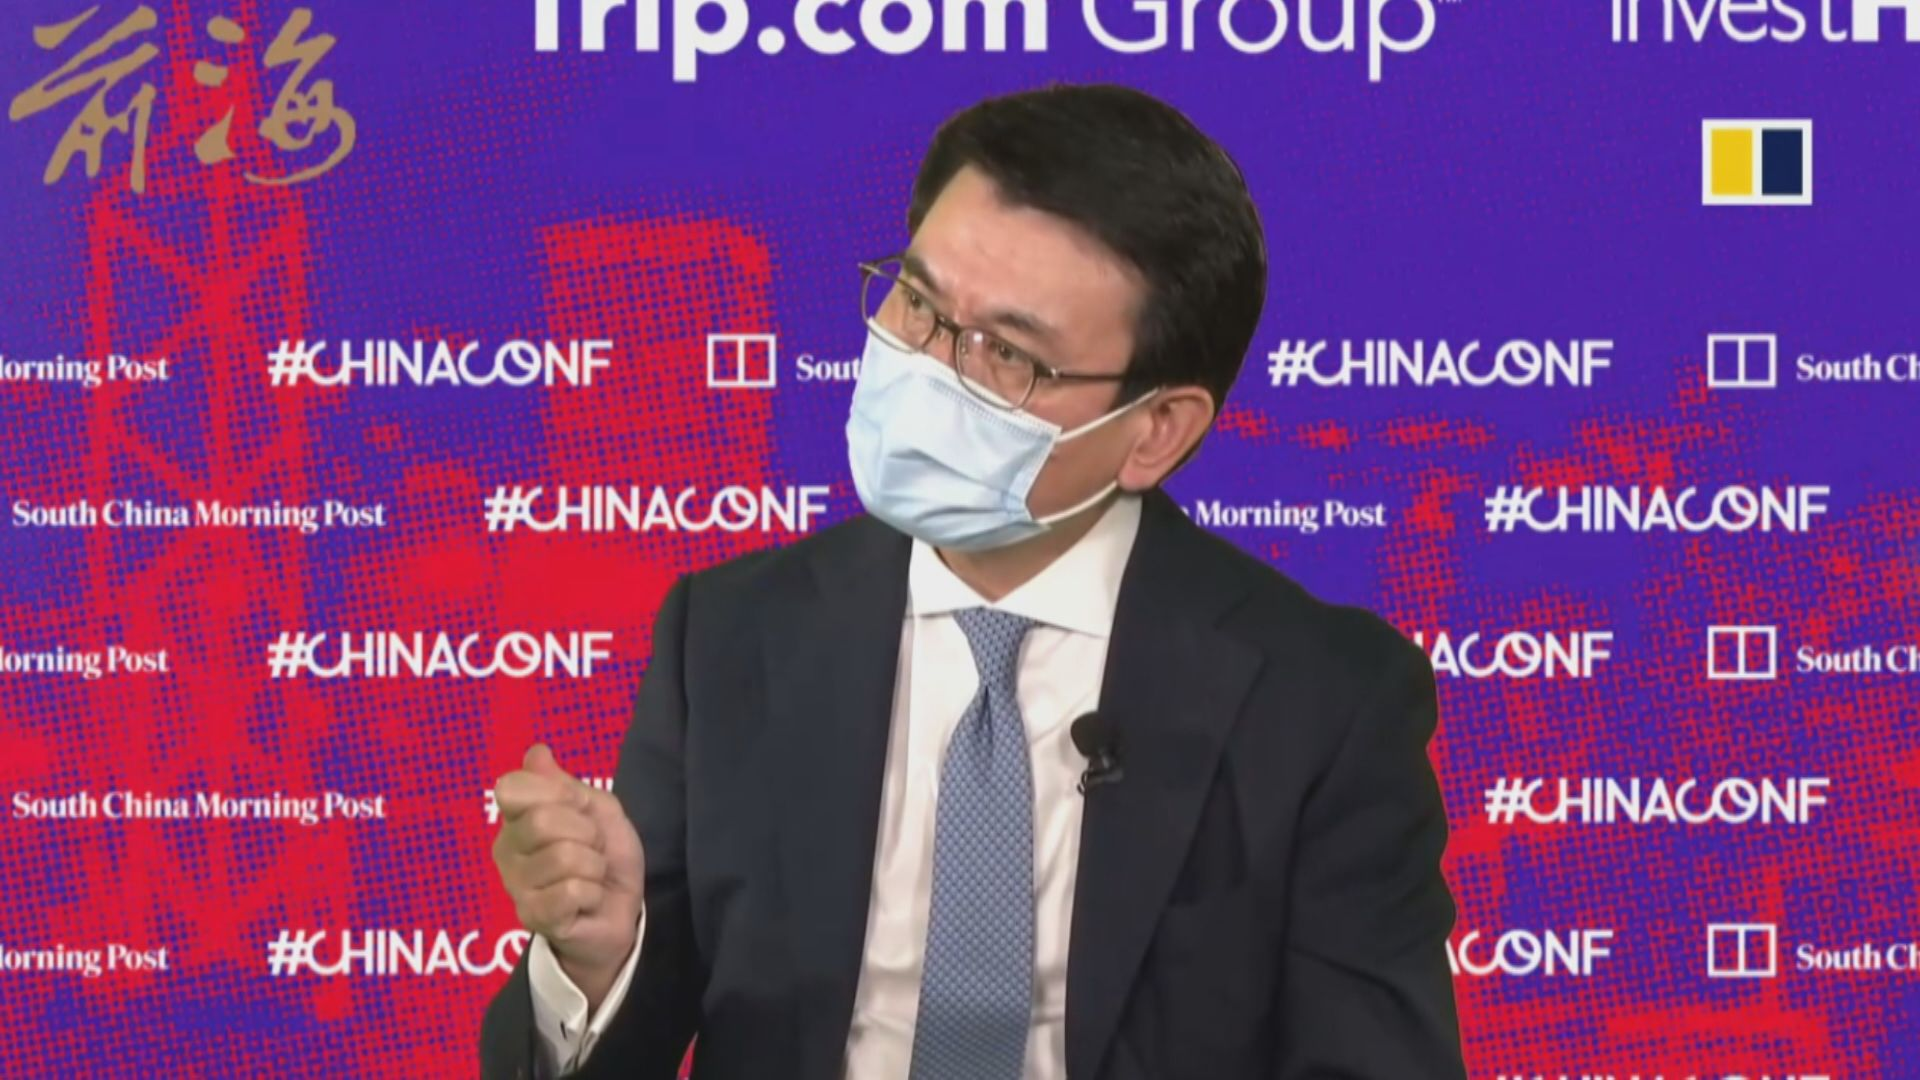 邱騰華:有必要解釋國安法紅線釋外商疑慮